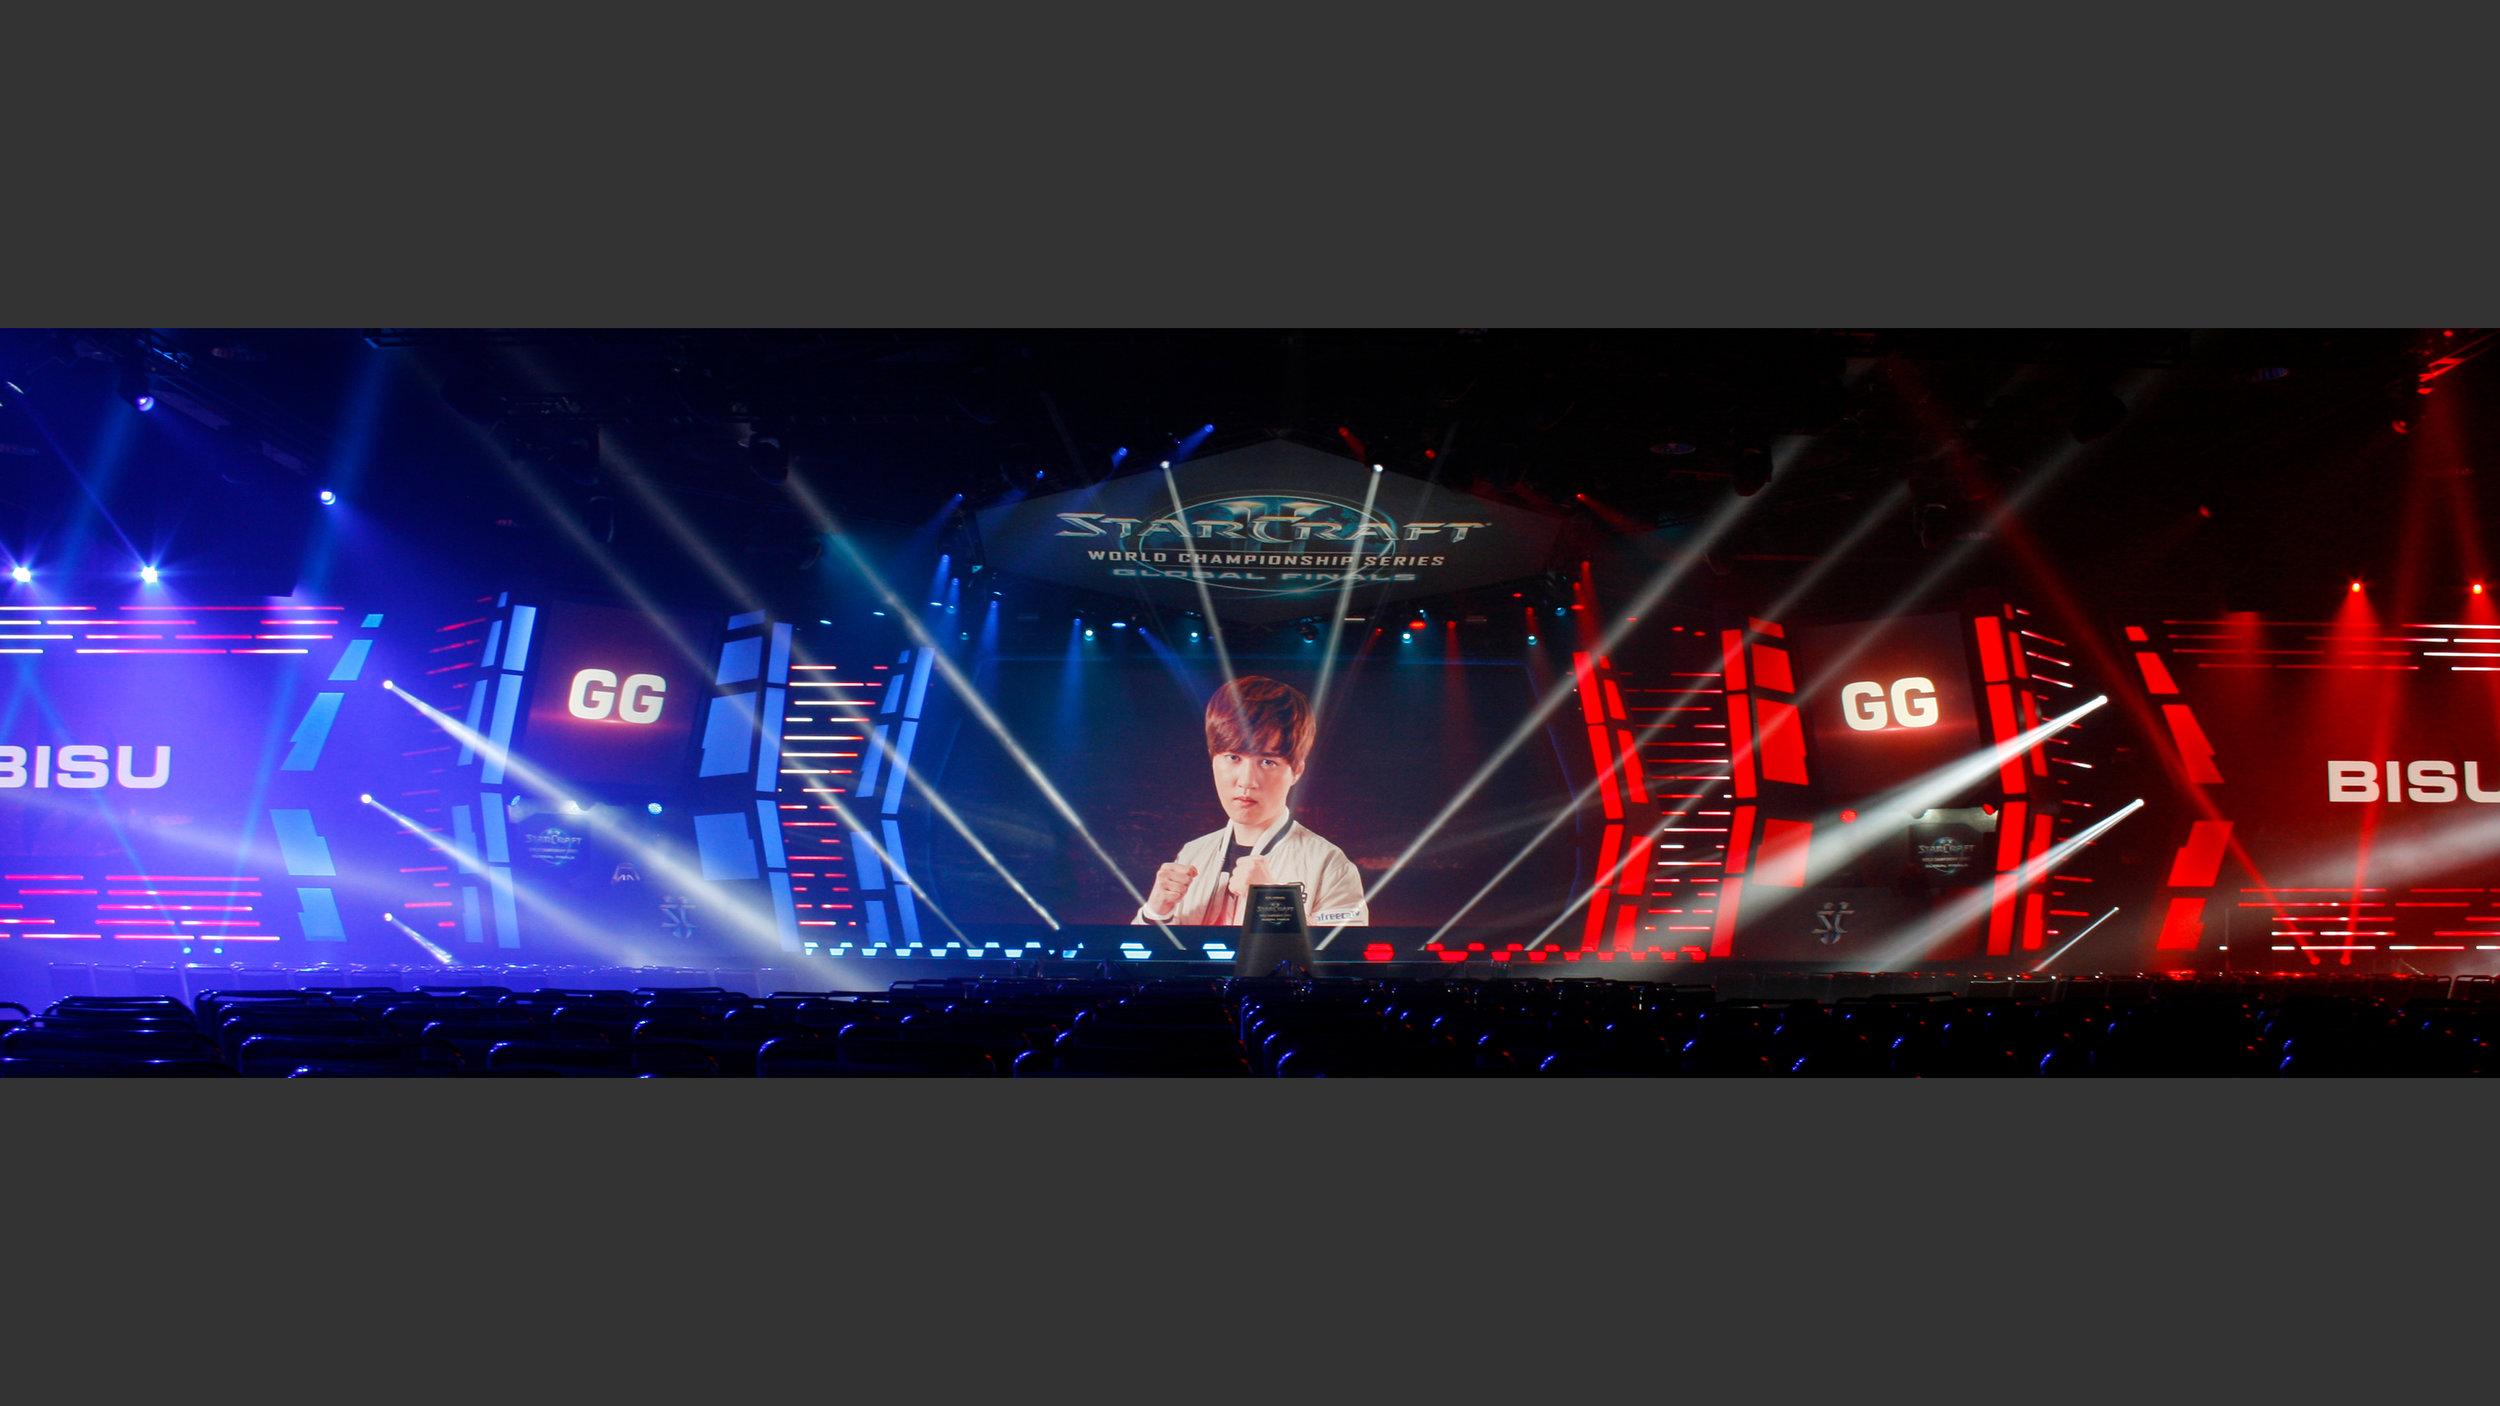 _MG_9427 edit.JPG